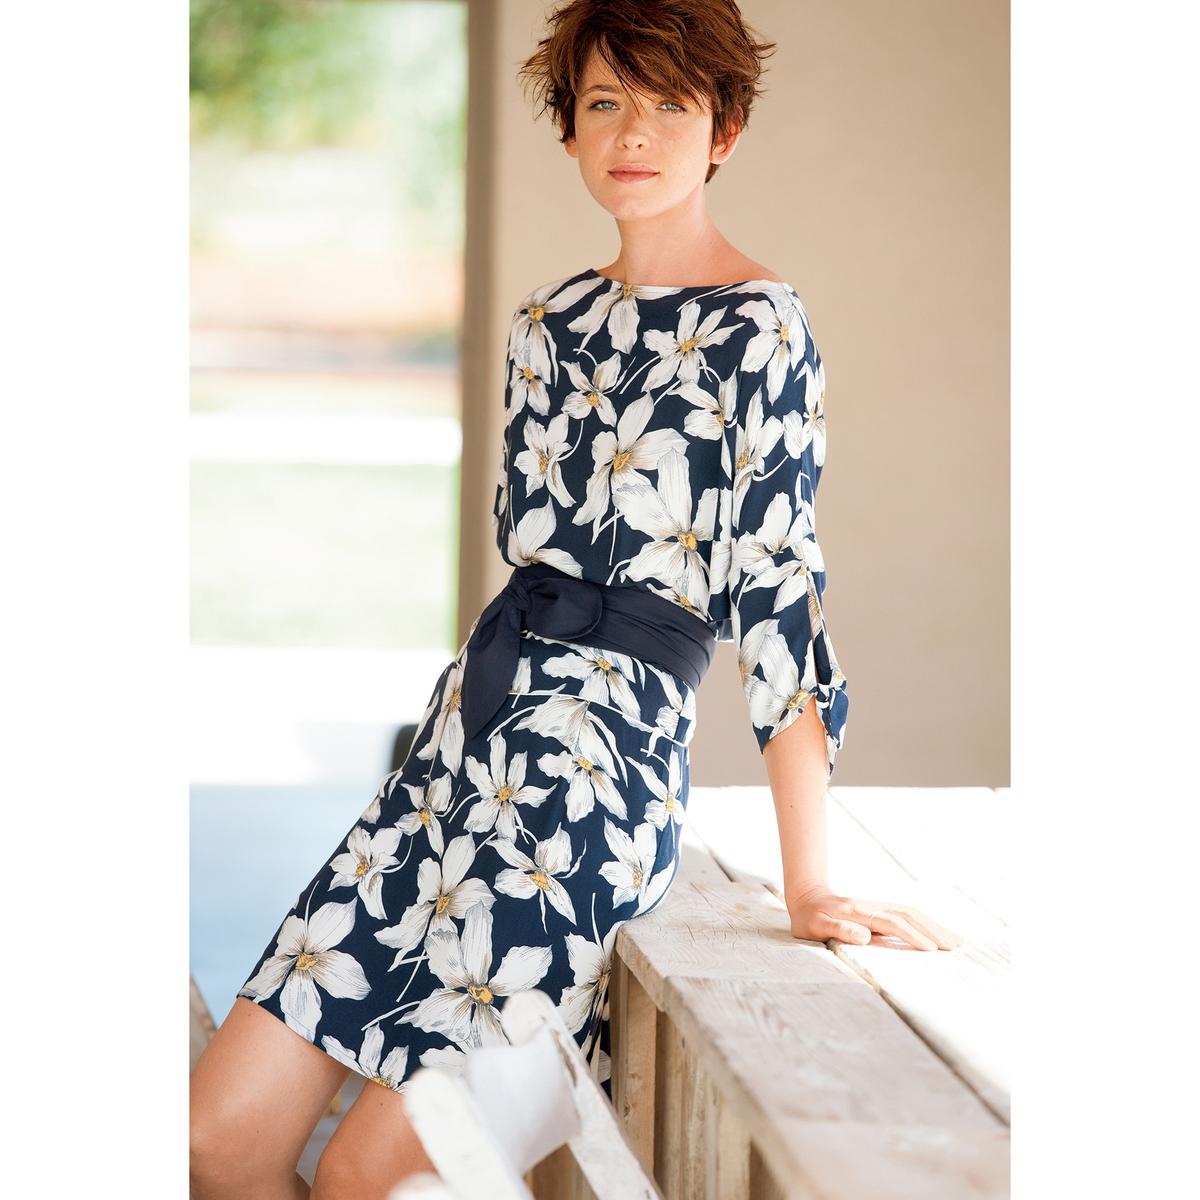 Платье с рукавами 3/4Платье из 100% вискозы. Отрезное по талии. Широкий вырез позволяет открыть плечо. Рукава 3/4 с кулиской. Пояс в комплекте. Длина 92 см.<br><br>Цвет: набивной рисунок<br>Размер: 42 (FR) - 48 (RUS)